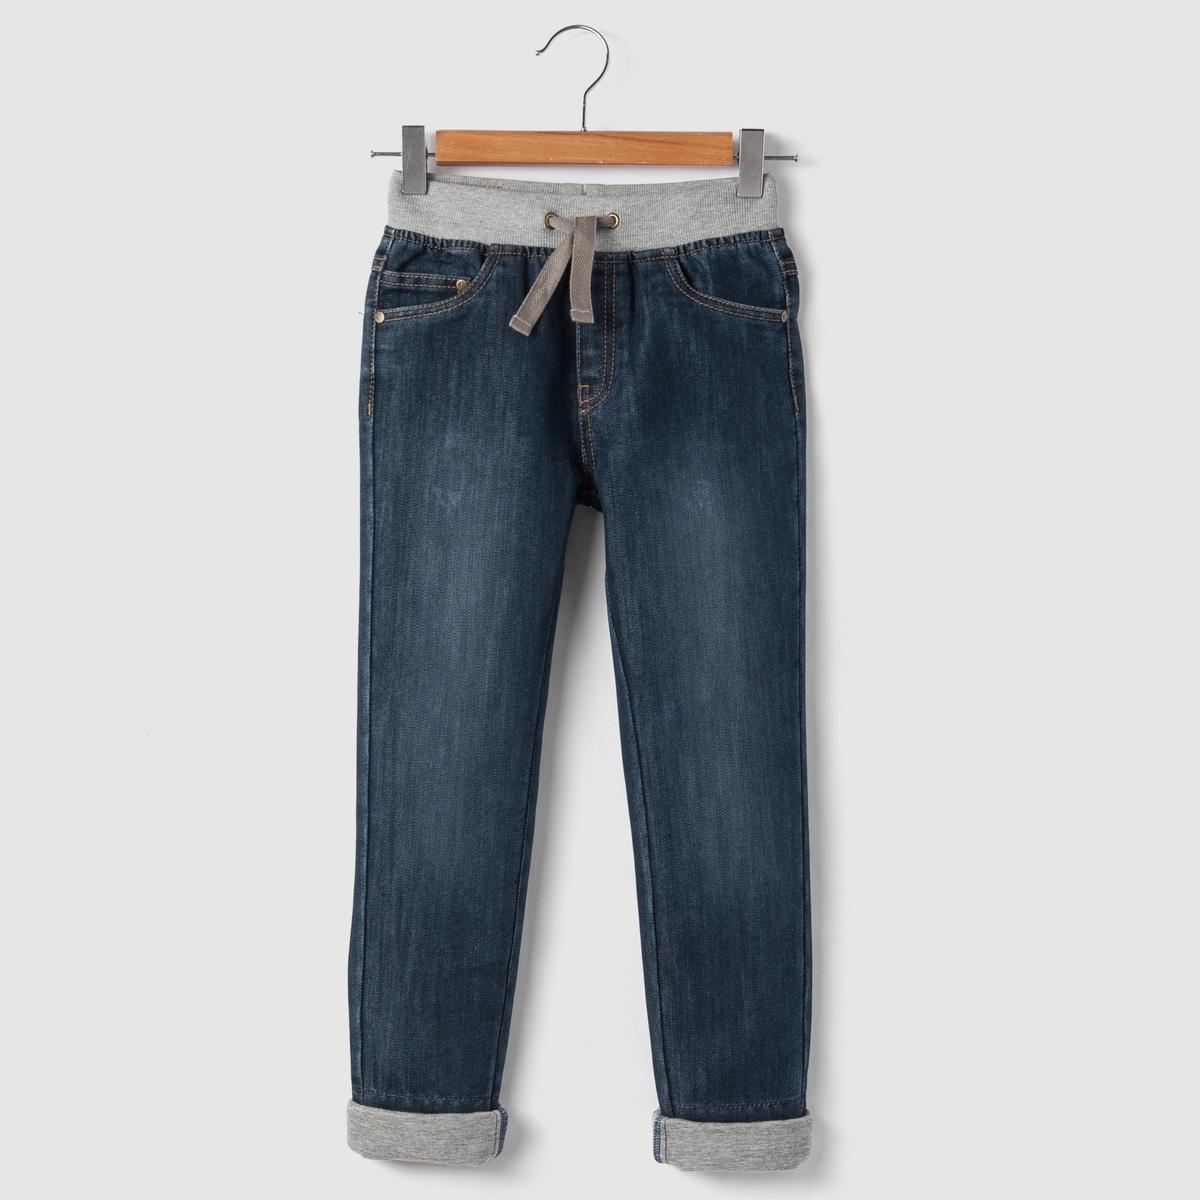 Джинсы без застежки, 3-12 лет джинсы boyfit 3 12 лет